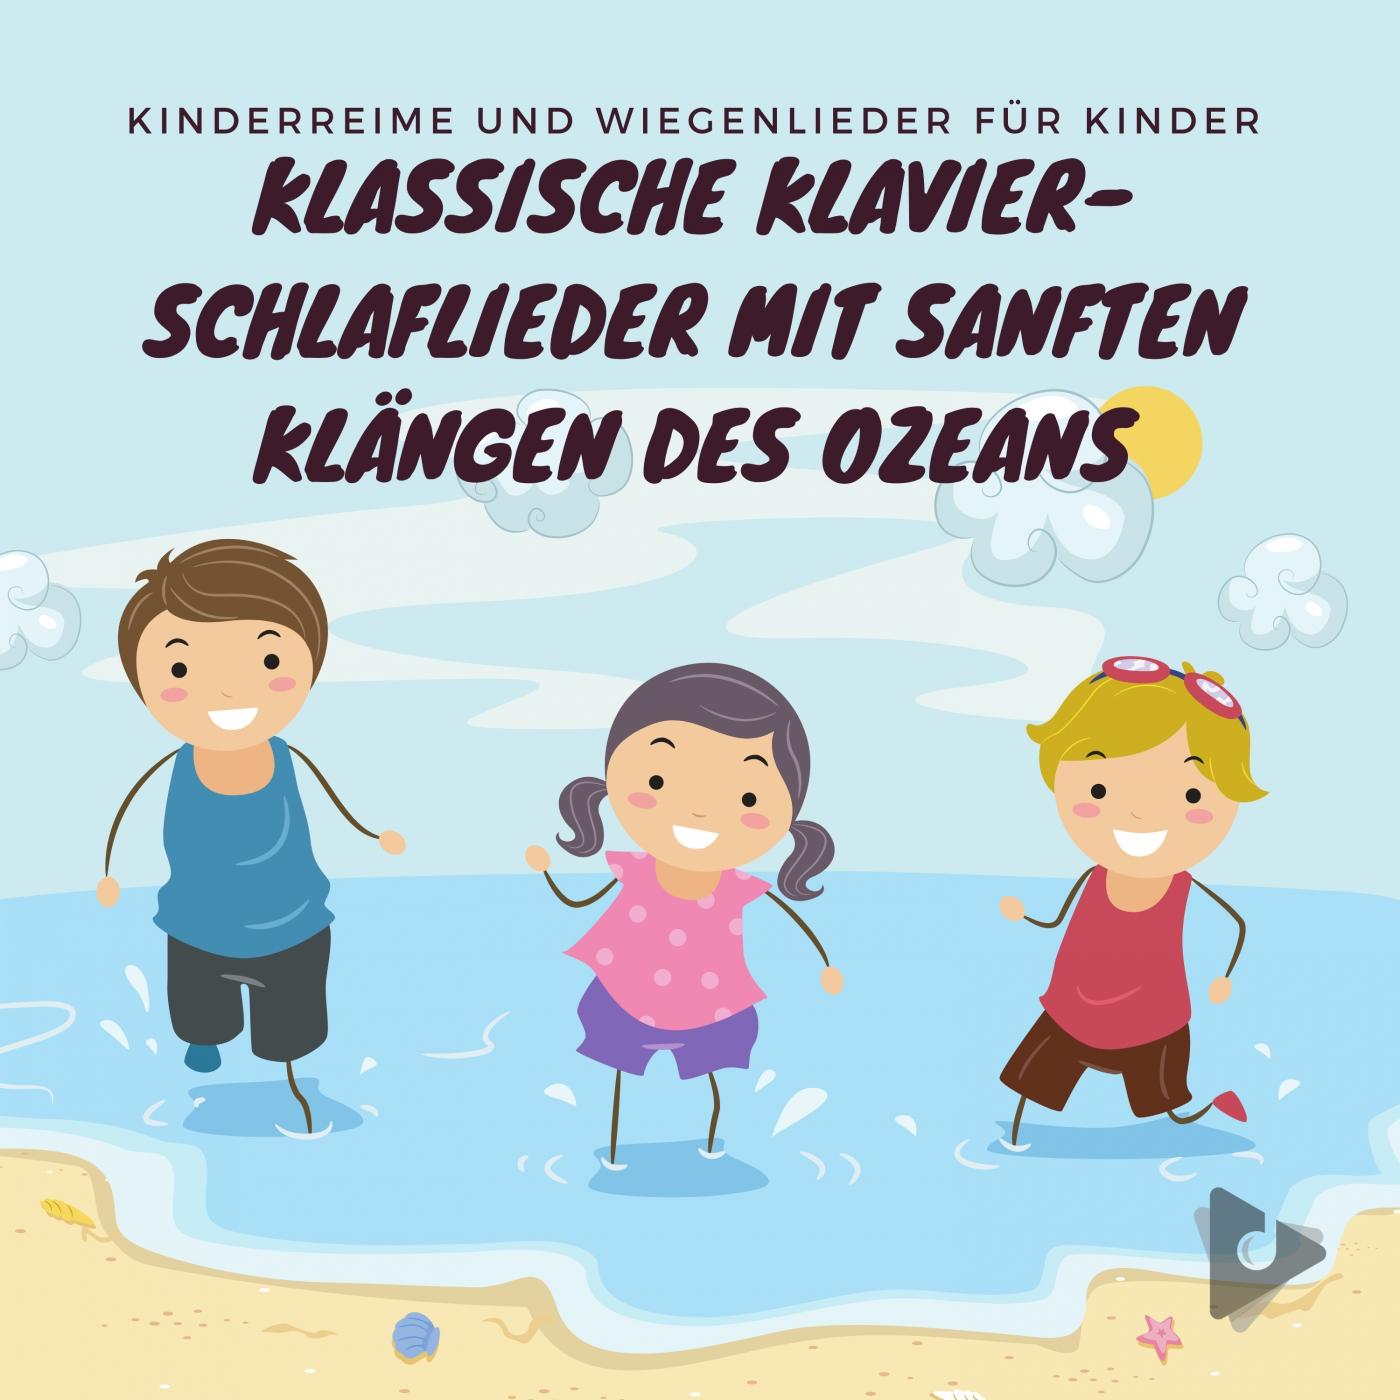 Klassische Klavier-Schlaflieder mit sanften Klängen des Ozeans